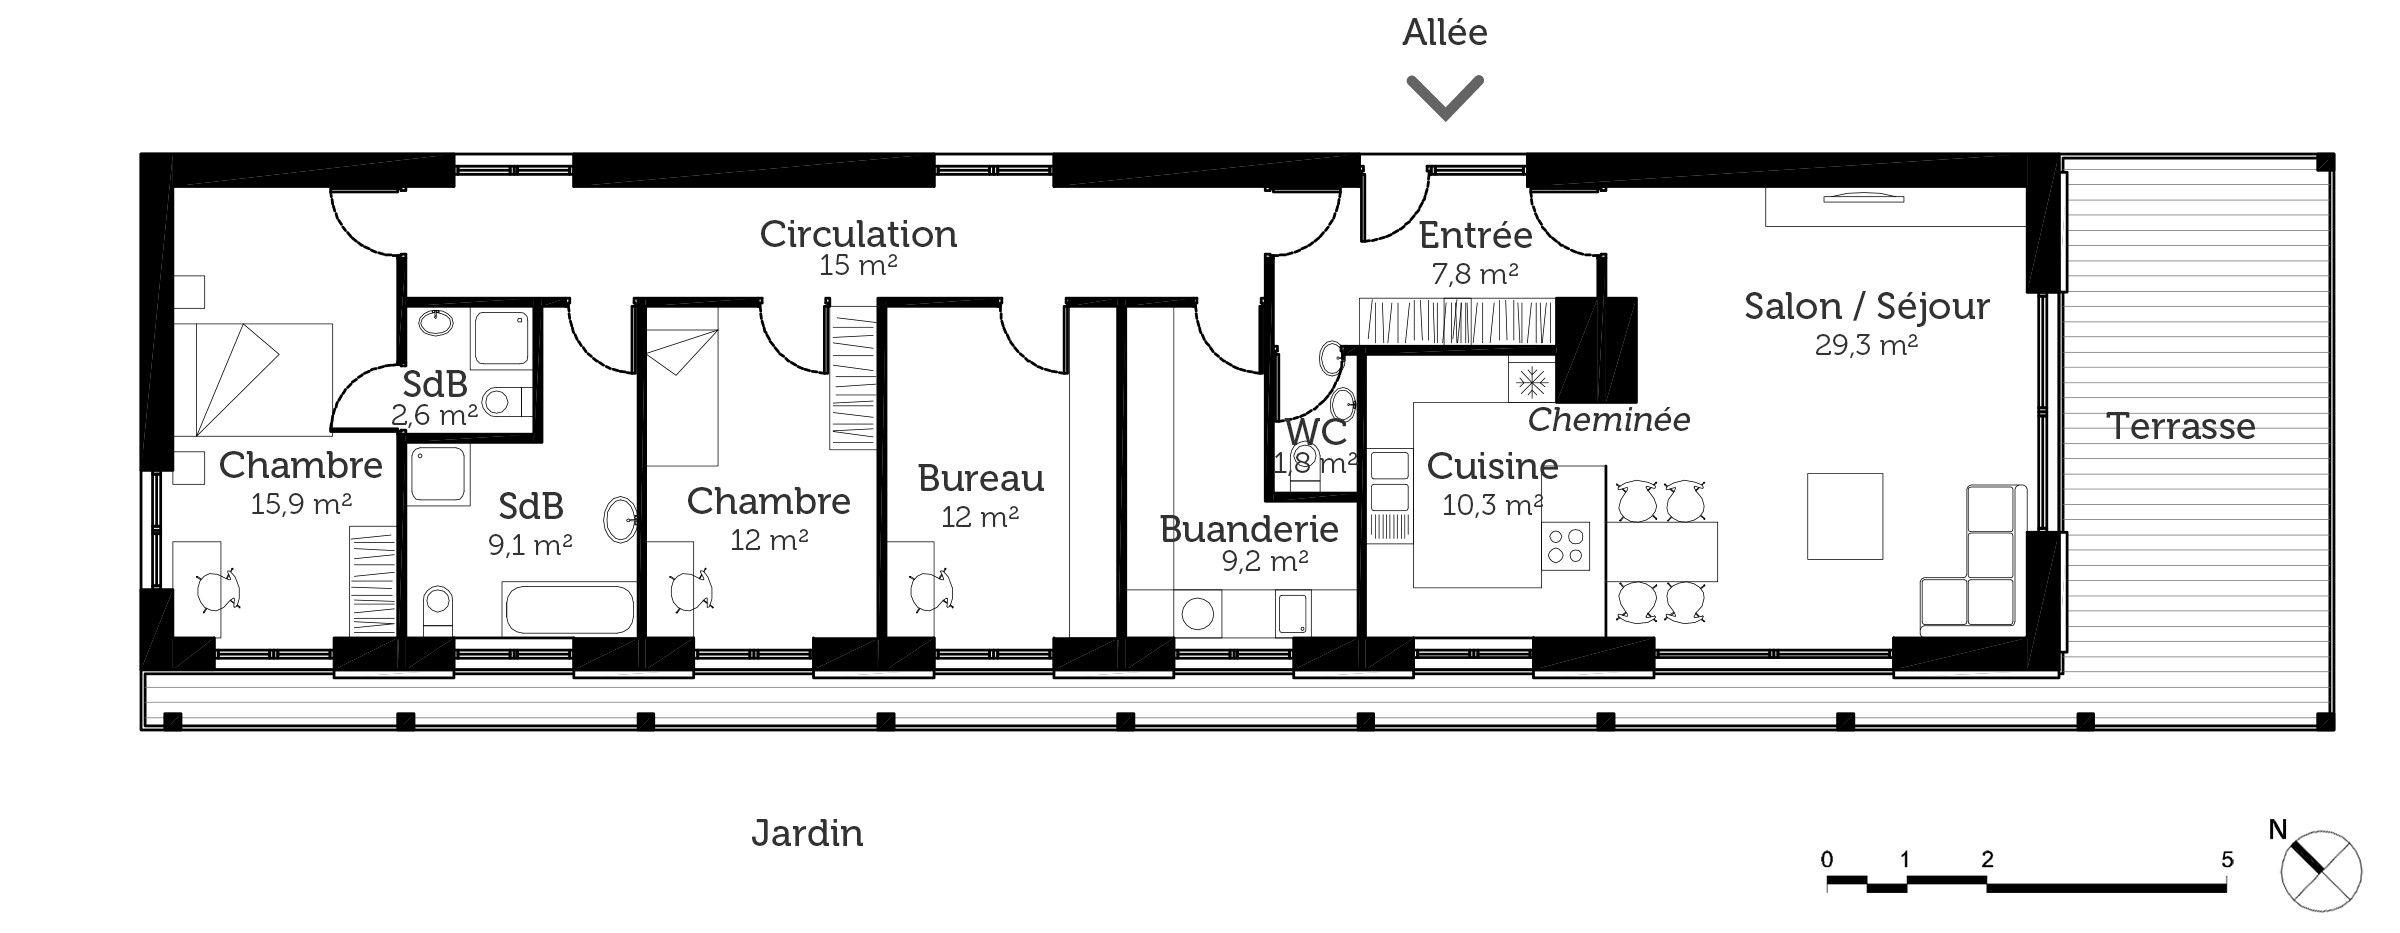 Elegant Plan Maison Tout En Longueur Idees De Maison In 2019